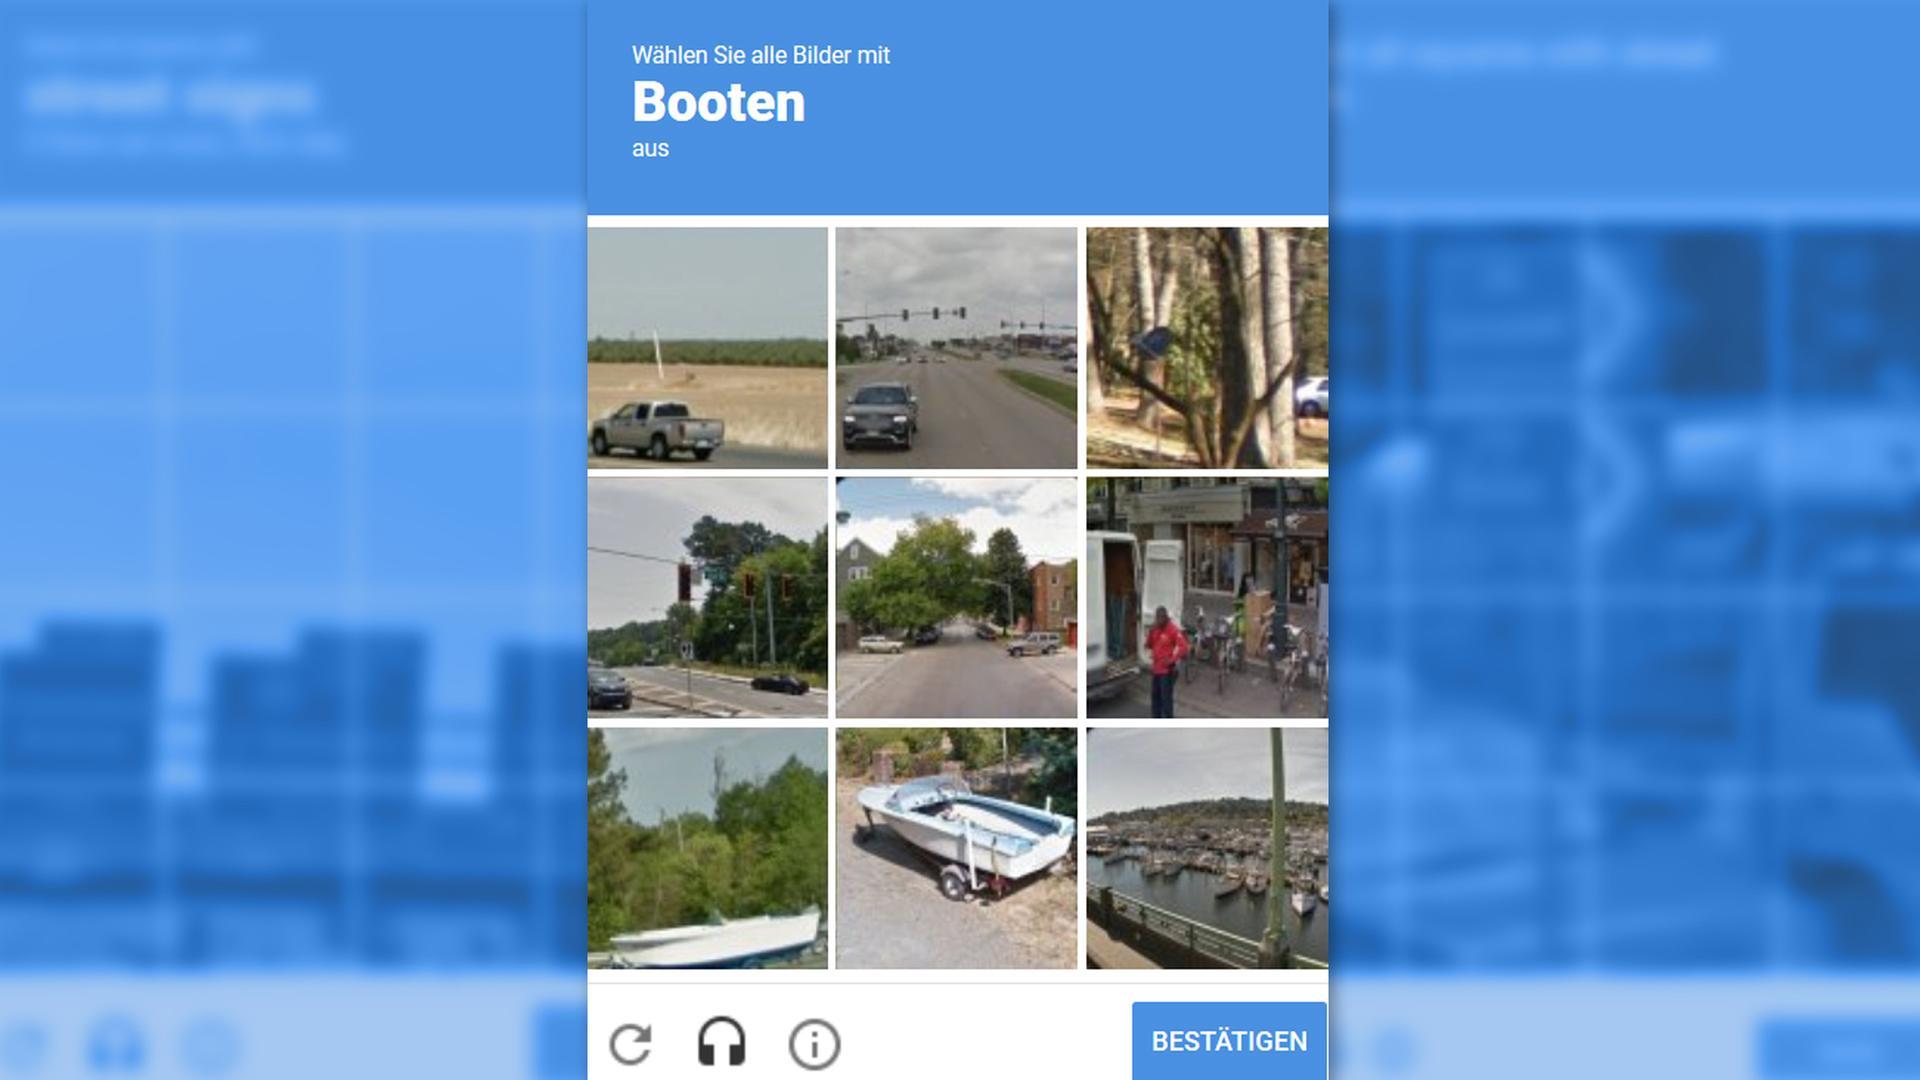 Test: Mensch oder Bot?: Google will Captchas unsichtbar